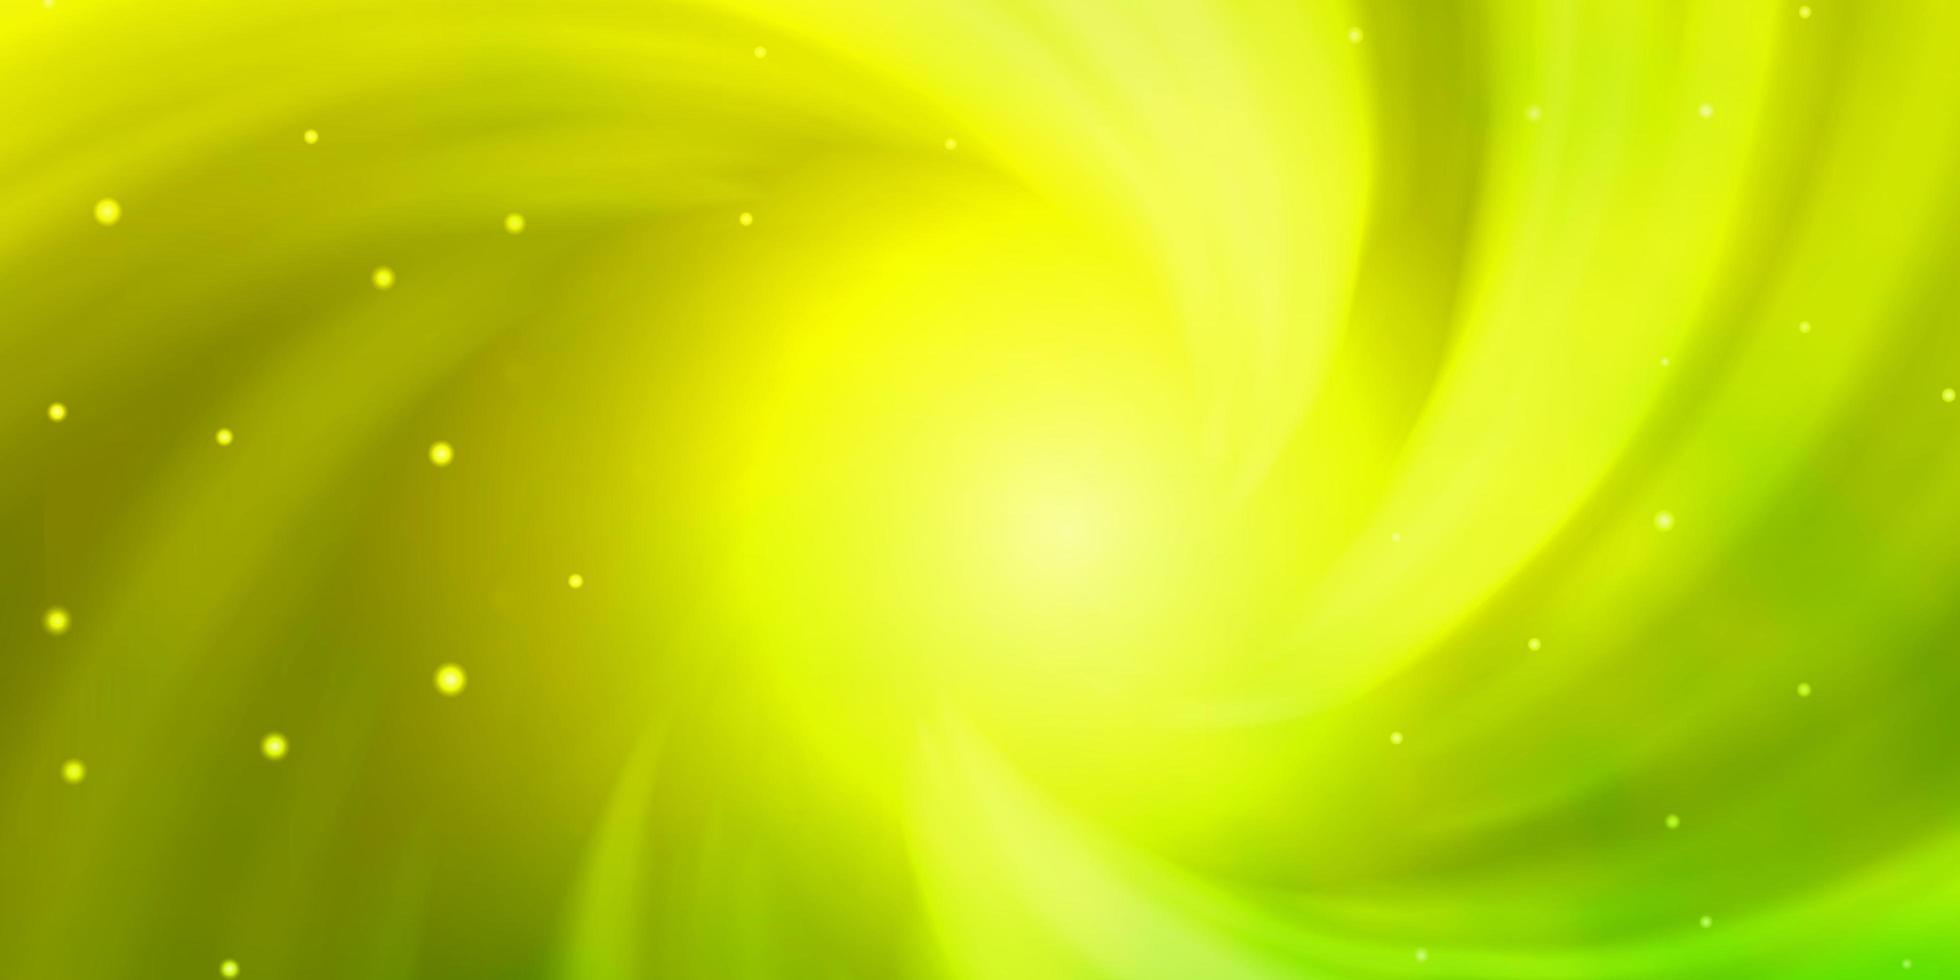 layout de vetor verde e amarelo claro com estrelas brilhantes.